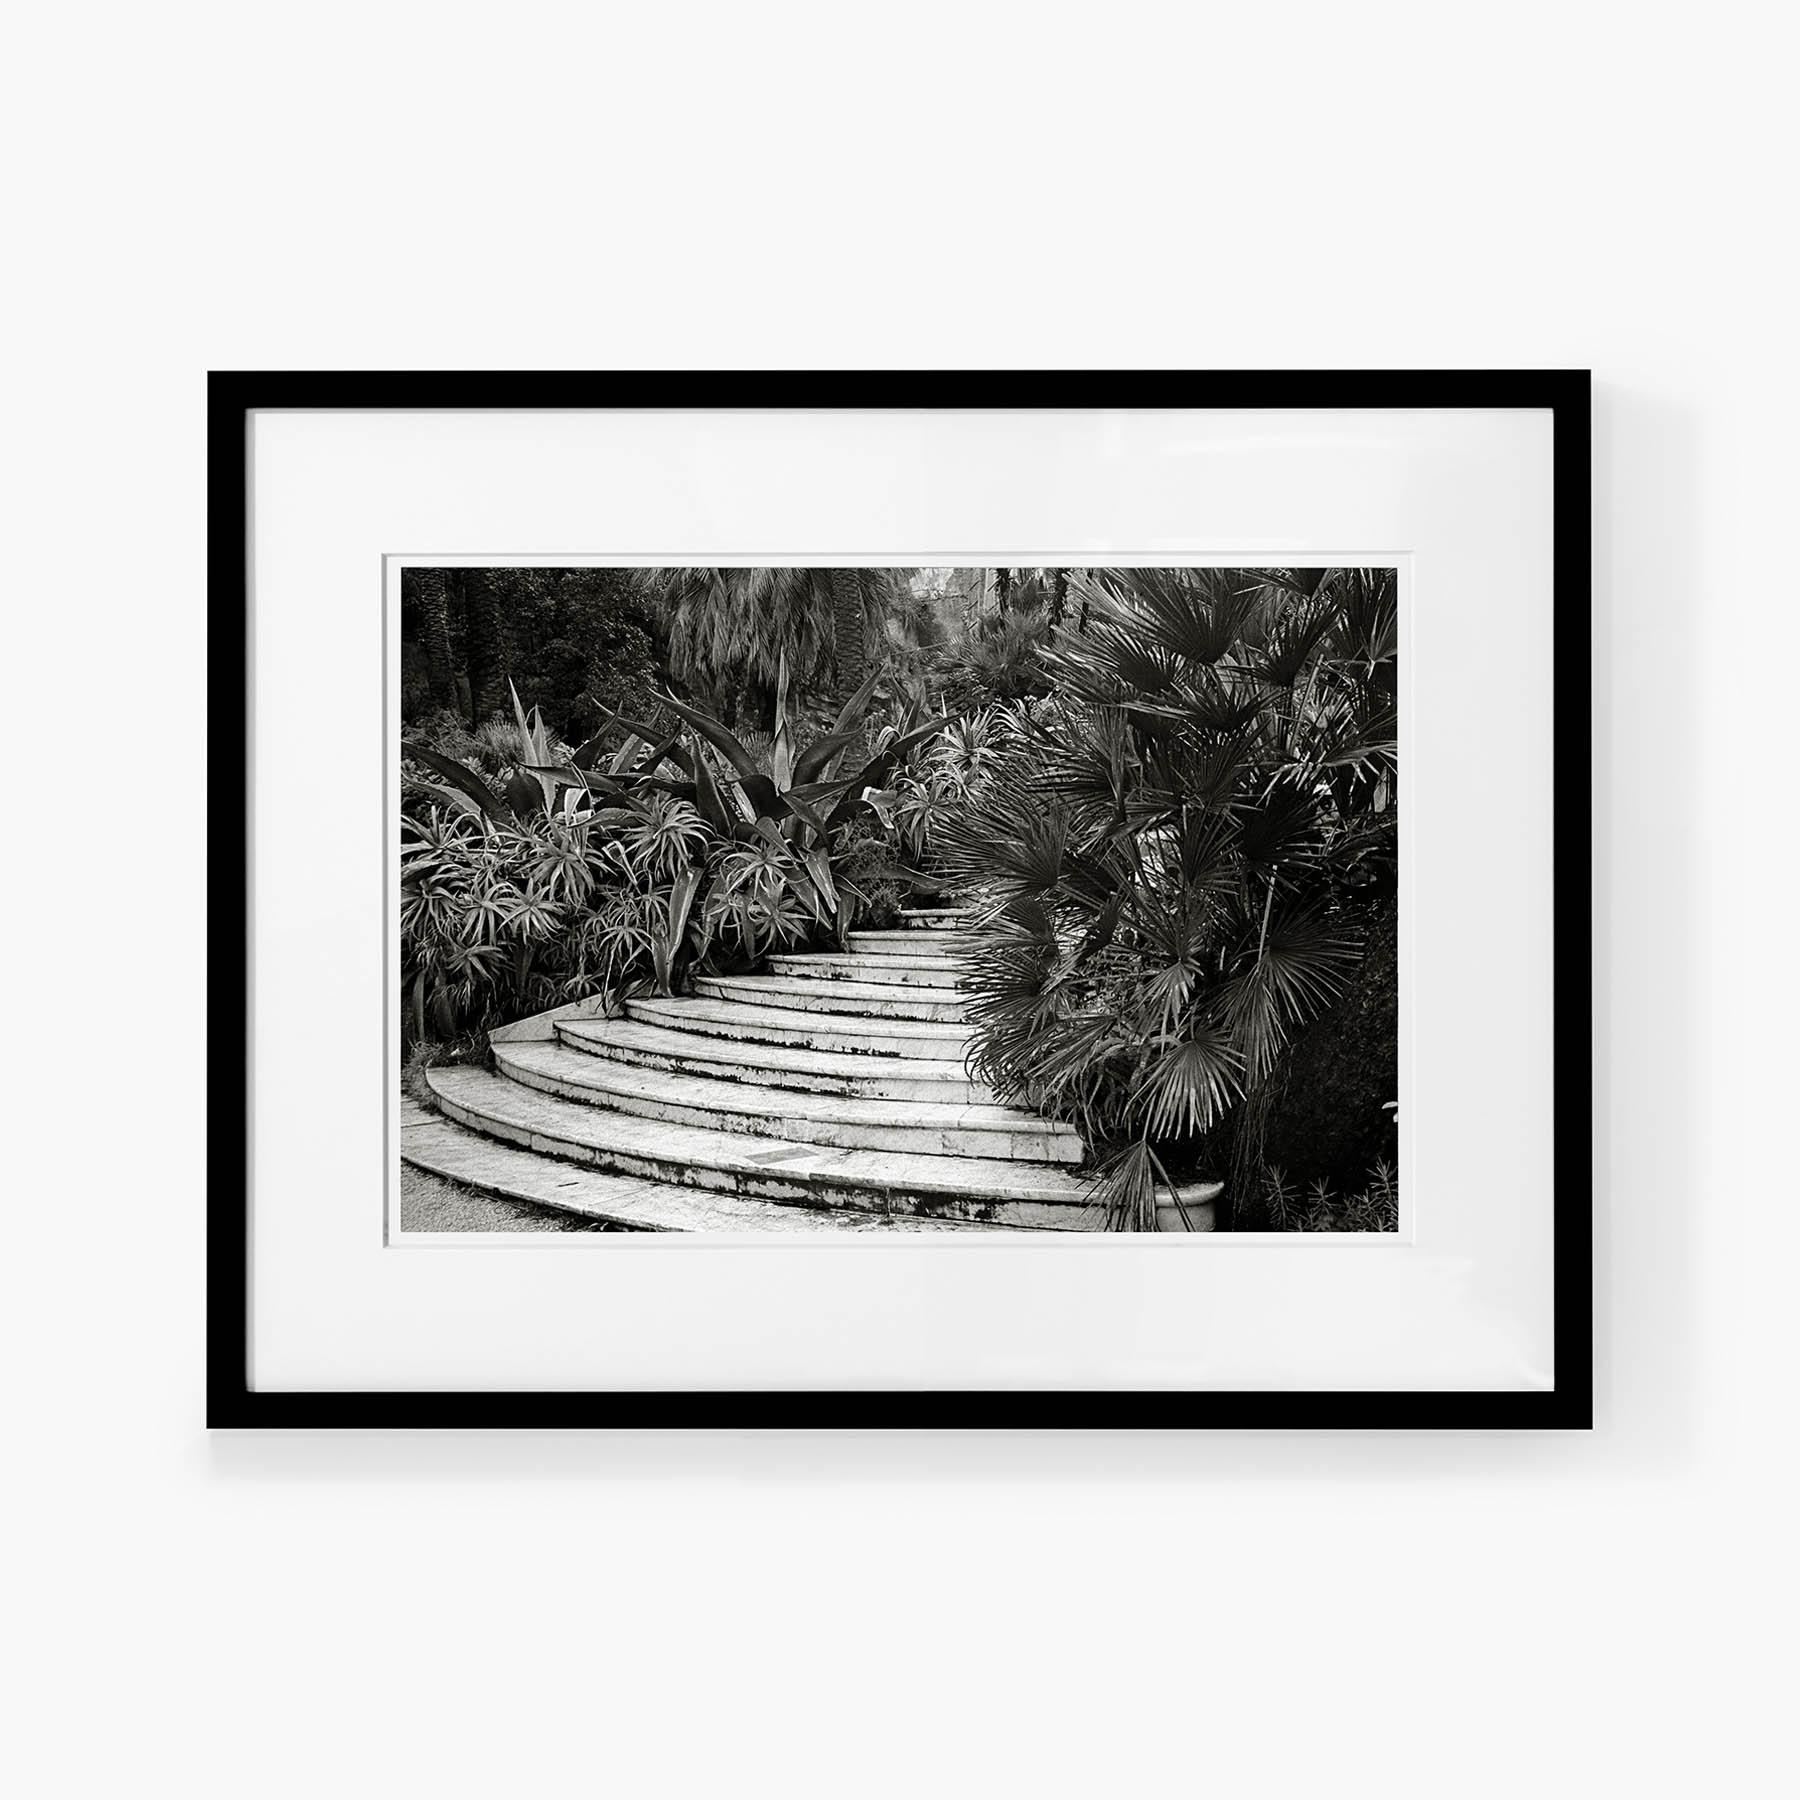 Tirage_Andre_Carrara_L'escalier, 1999, Naples